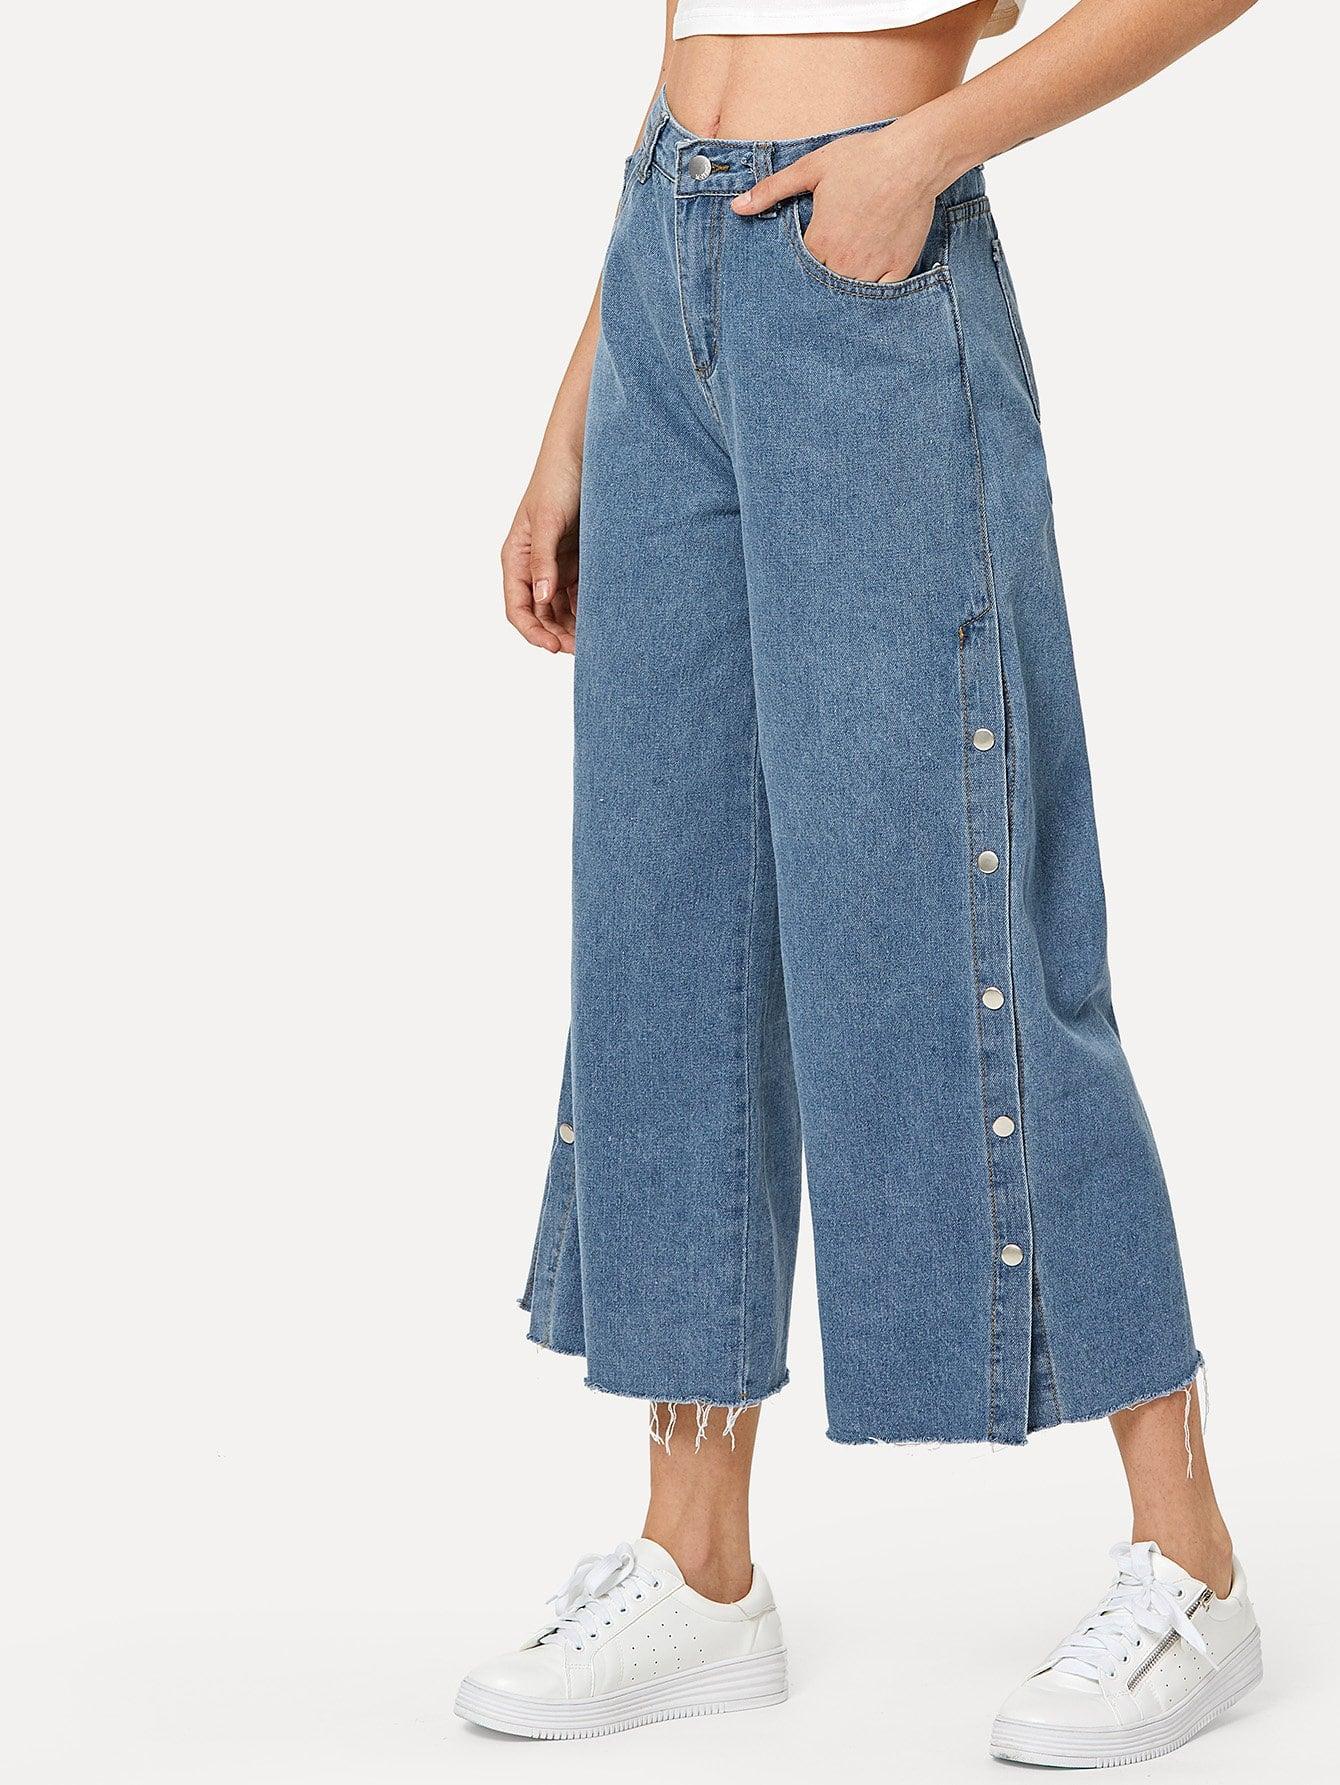 Jeans mit Knöpfen auf den Seiten und weitem Beinschnitt